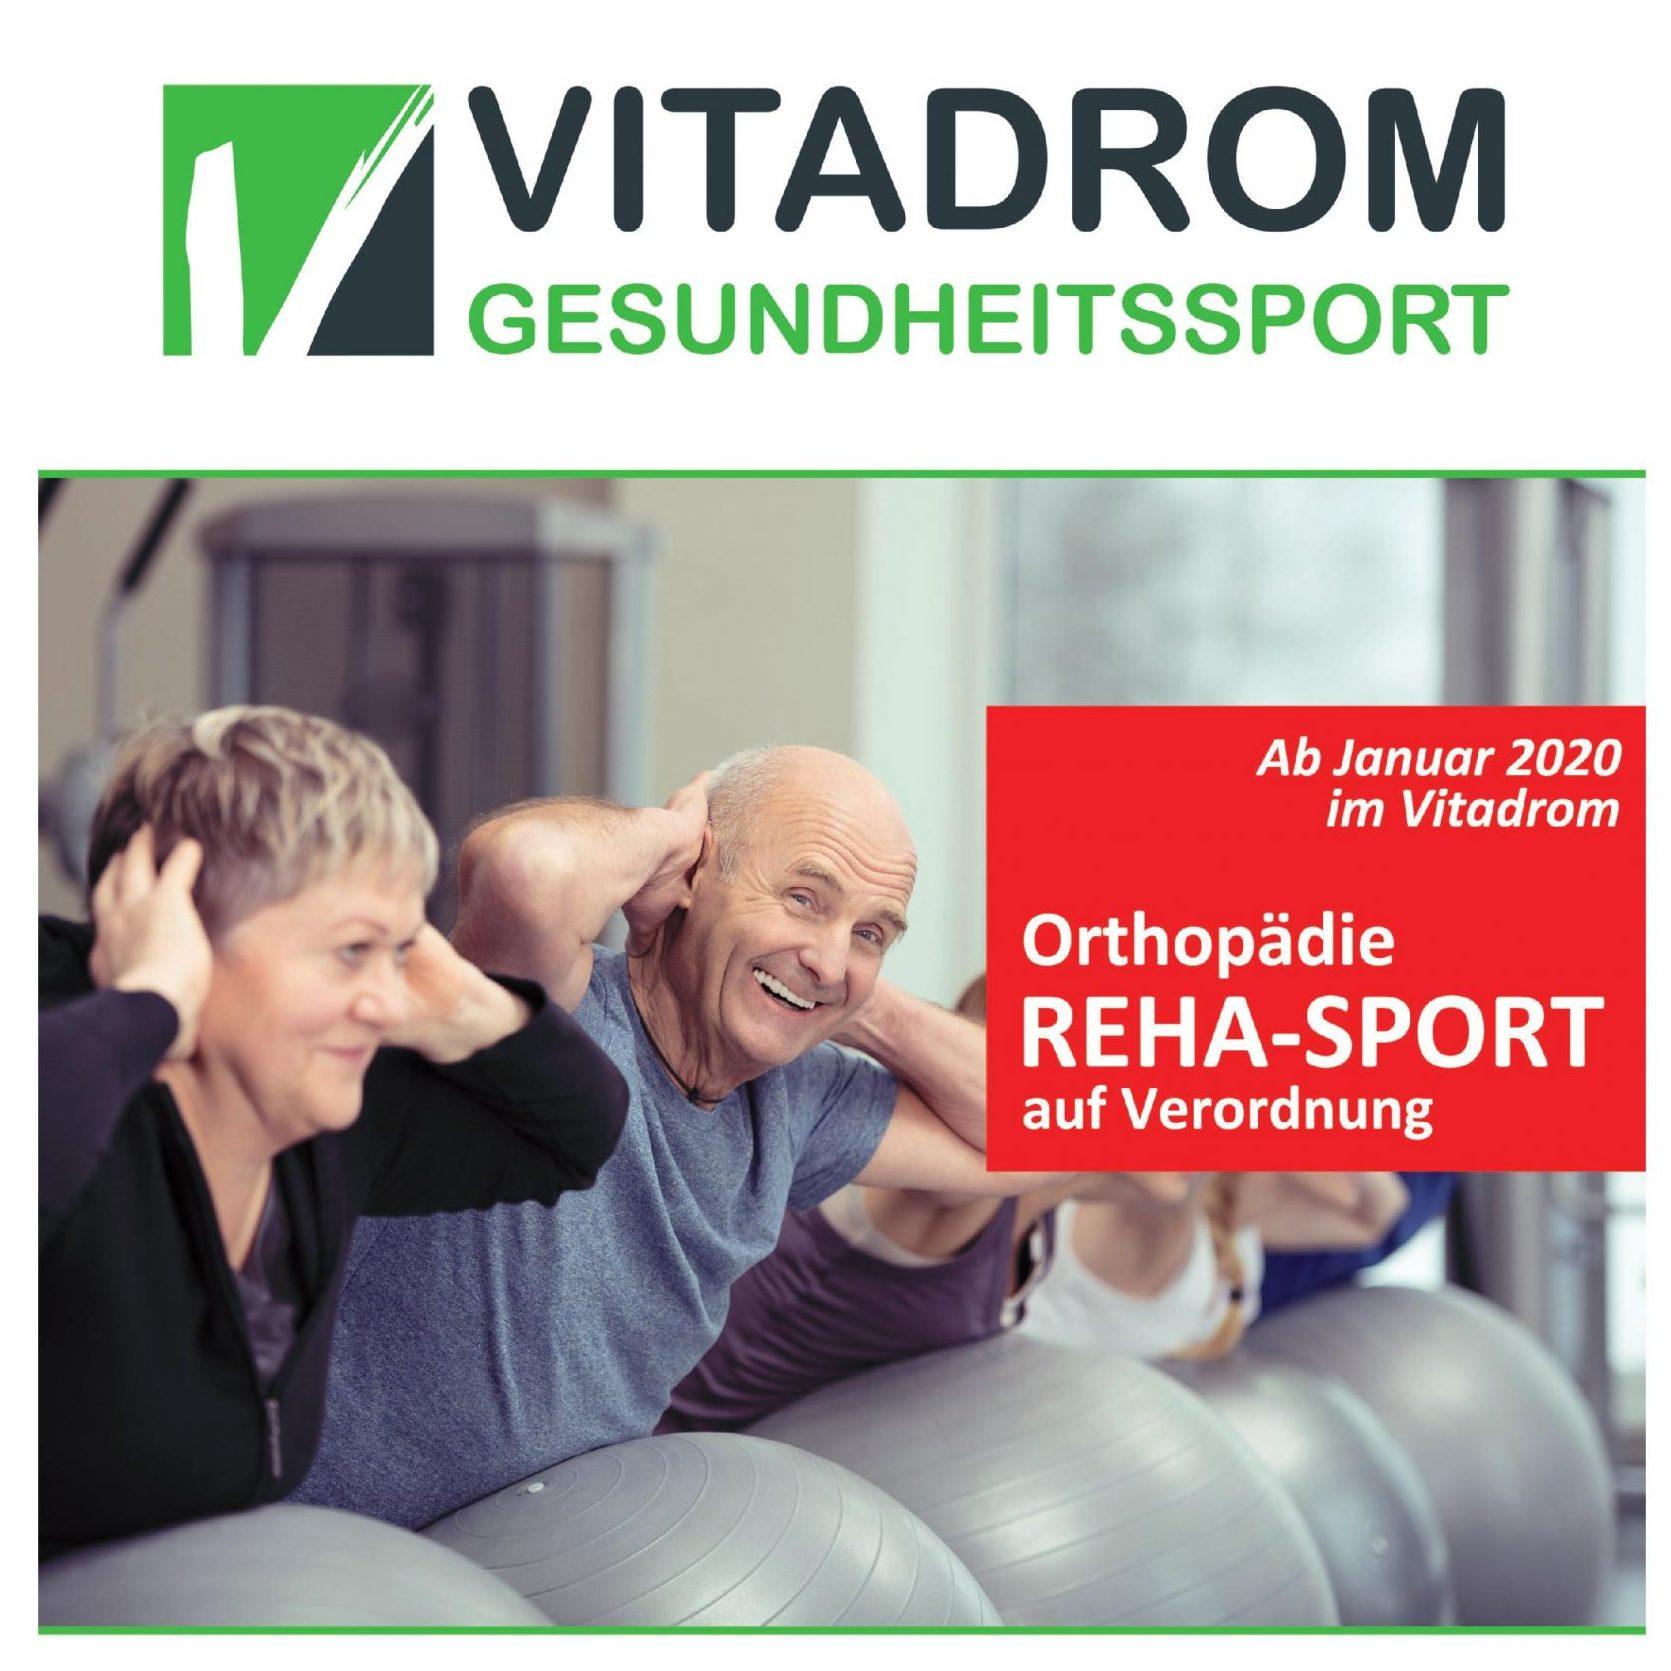 Reha-Sport jetzt im Vitadrom